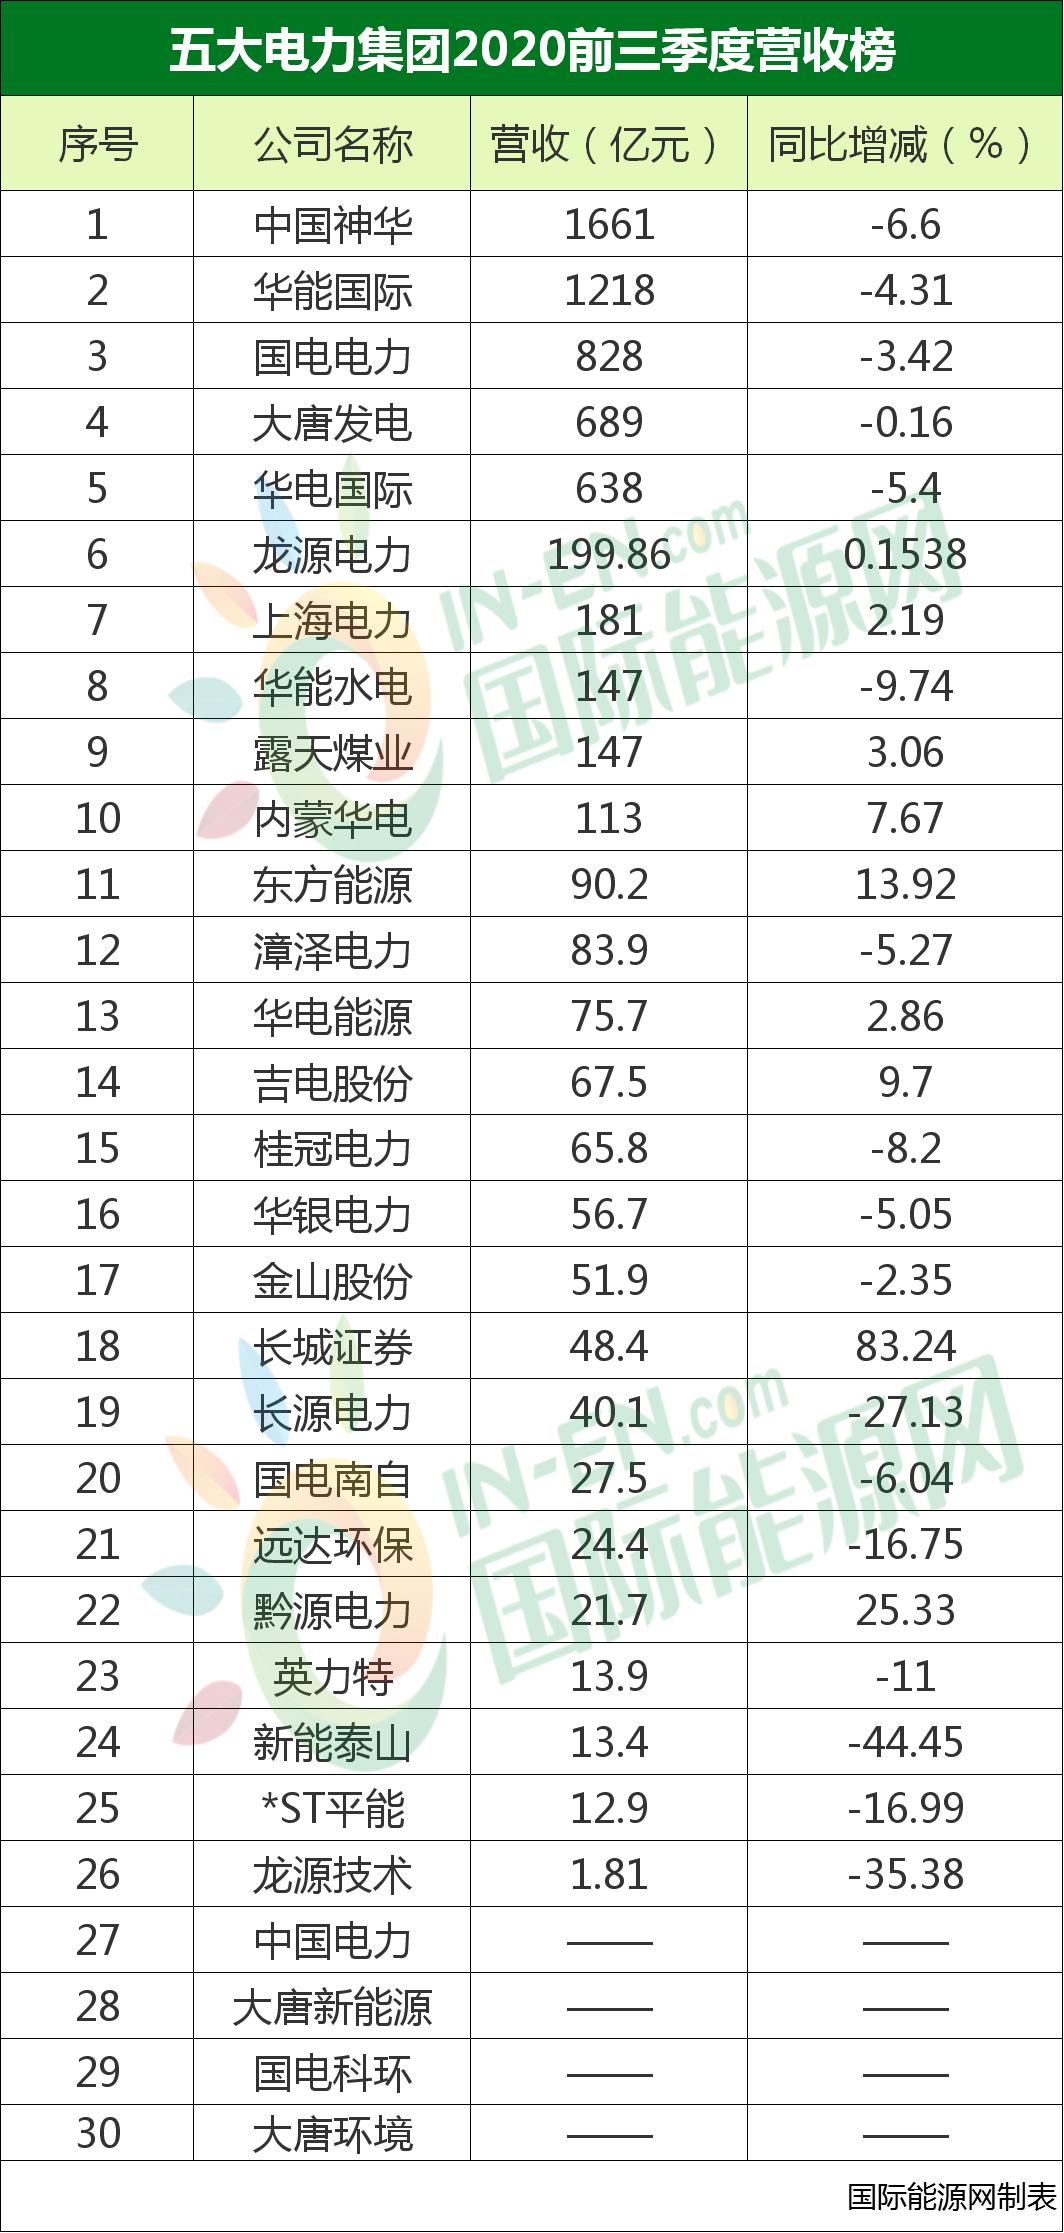 五大电力集团三季度财报出炉!中国神华业绩超预期!